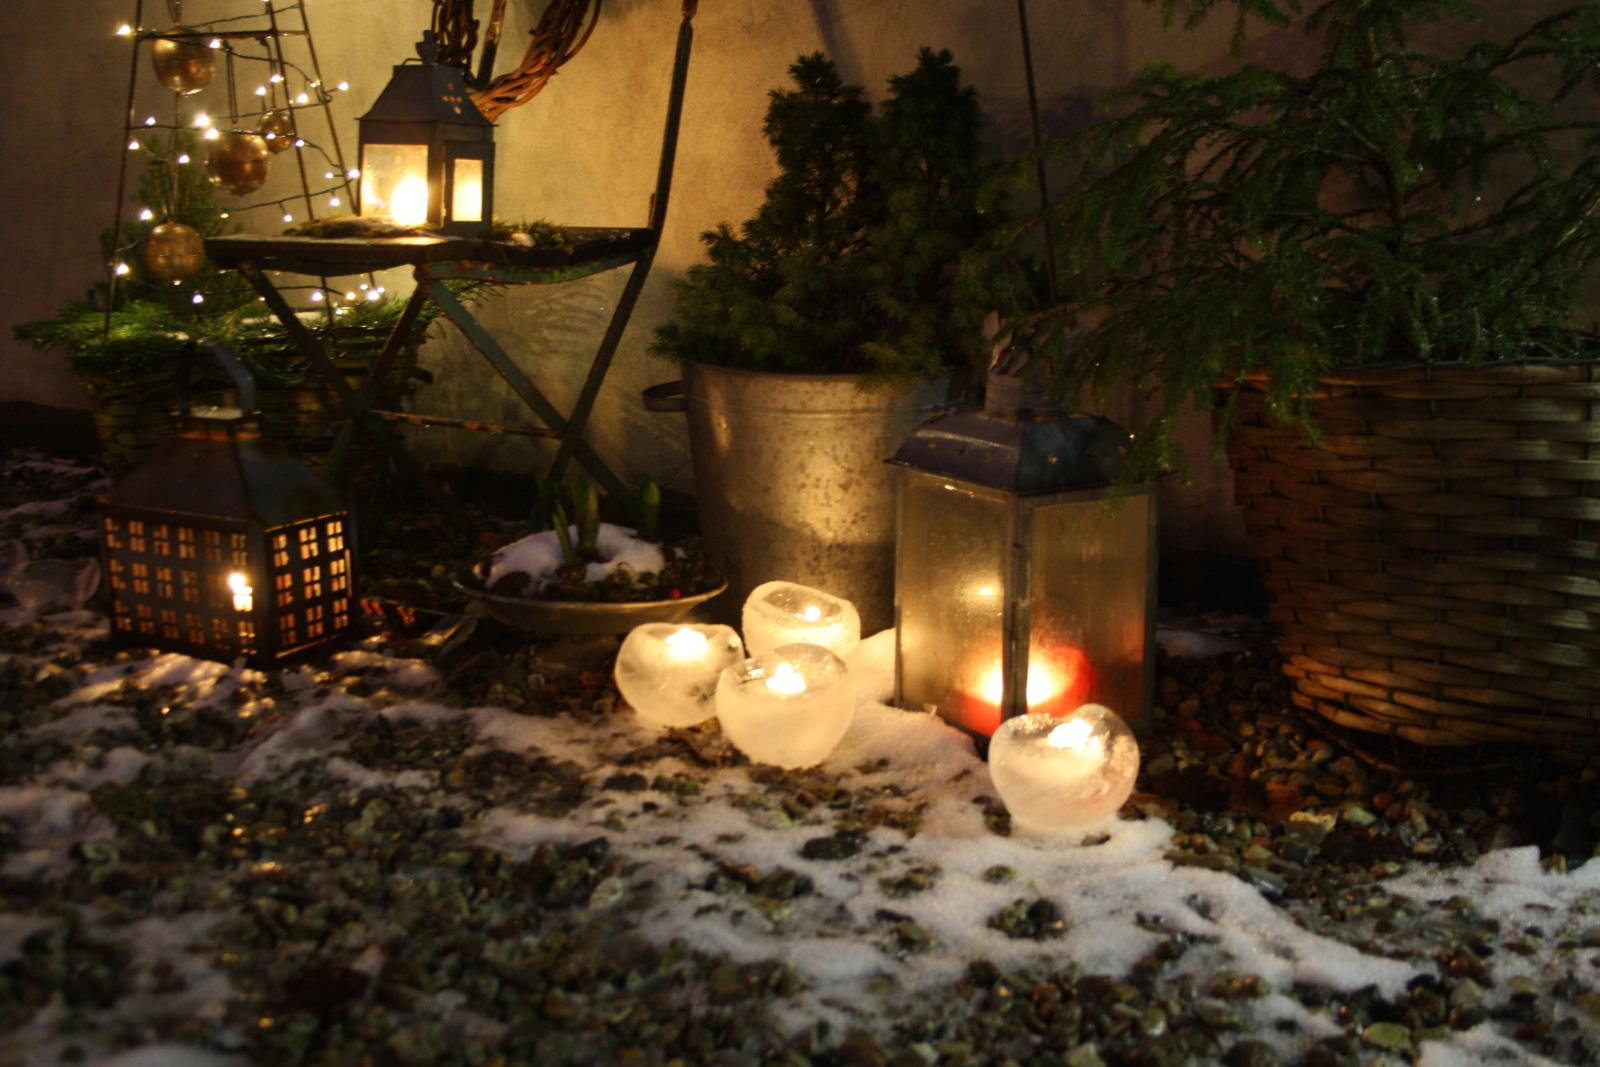 Islygter og lanterner